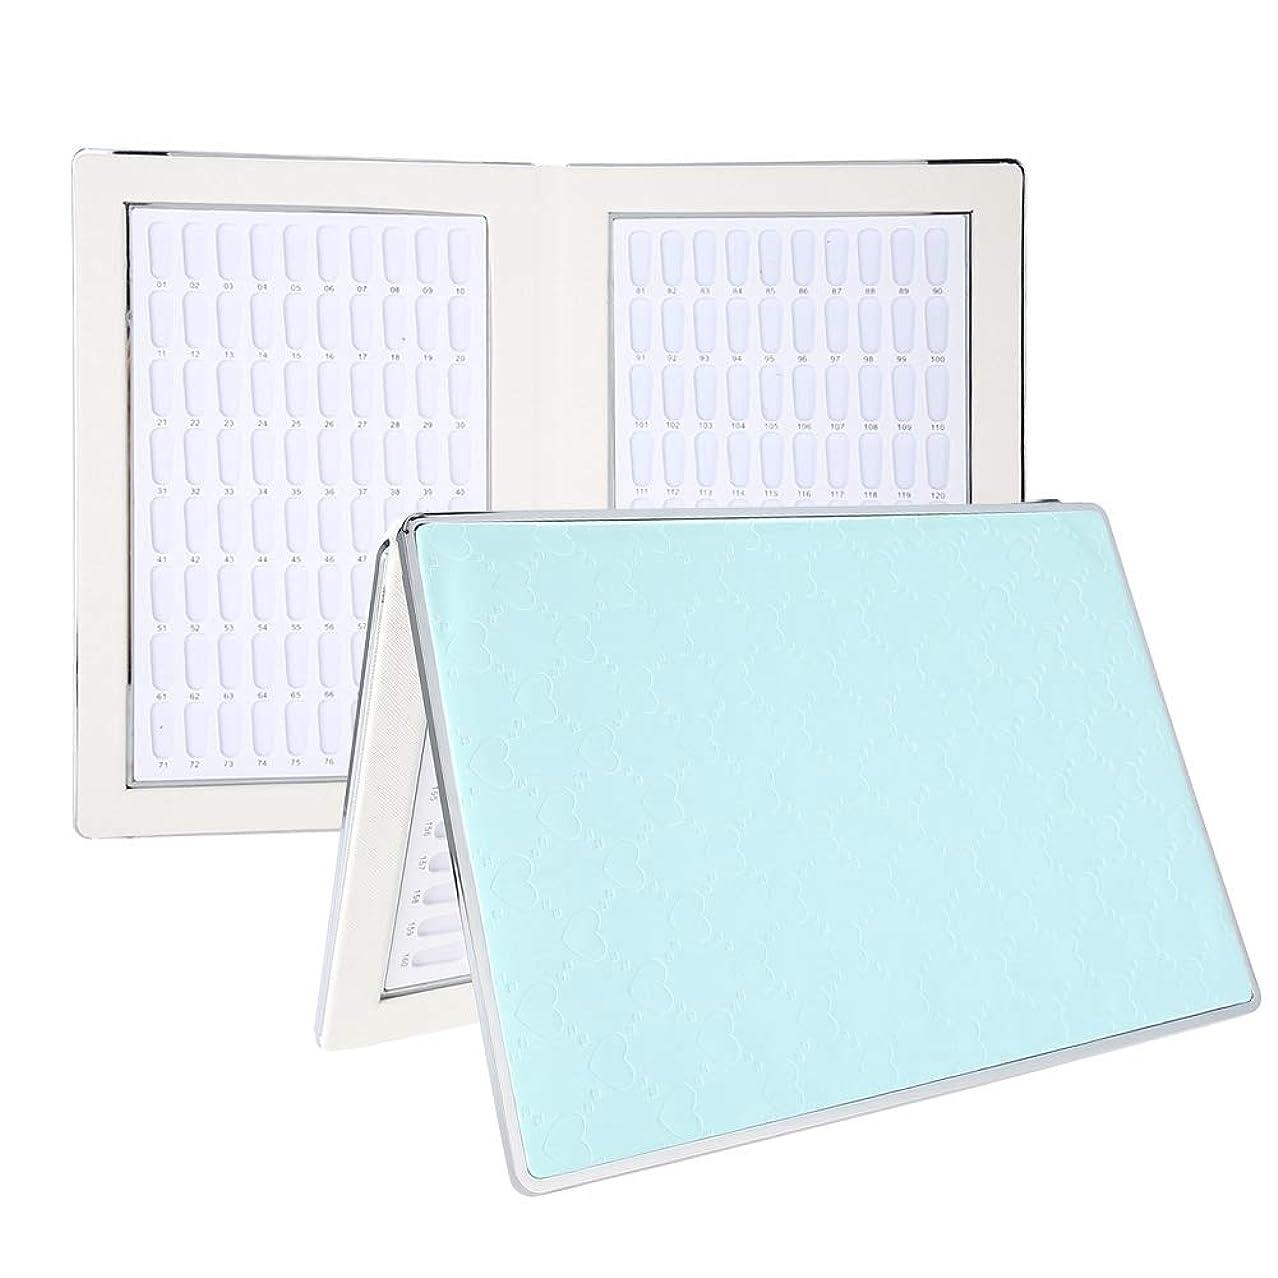 職業風帰するネイルアートディスプレイ 160 ディスプレイスタンド アクセサリー プラスチック板 ネイルポリッシュカラー ディスプレイ サロン (2)